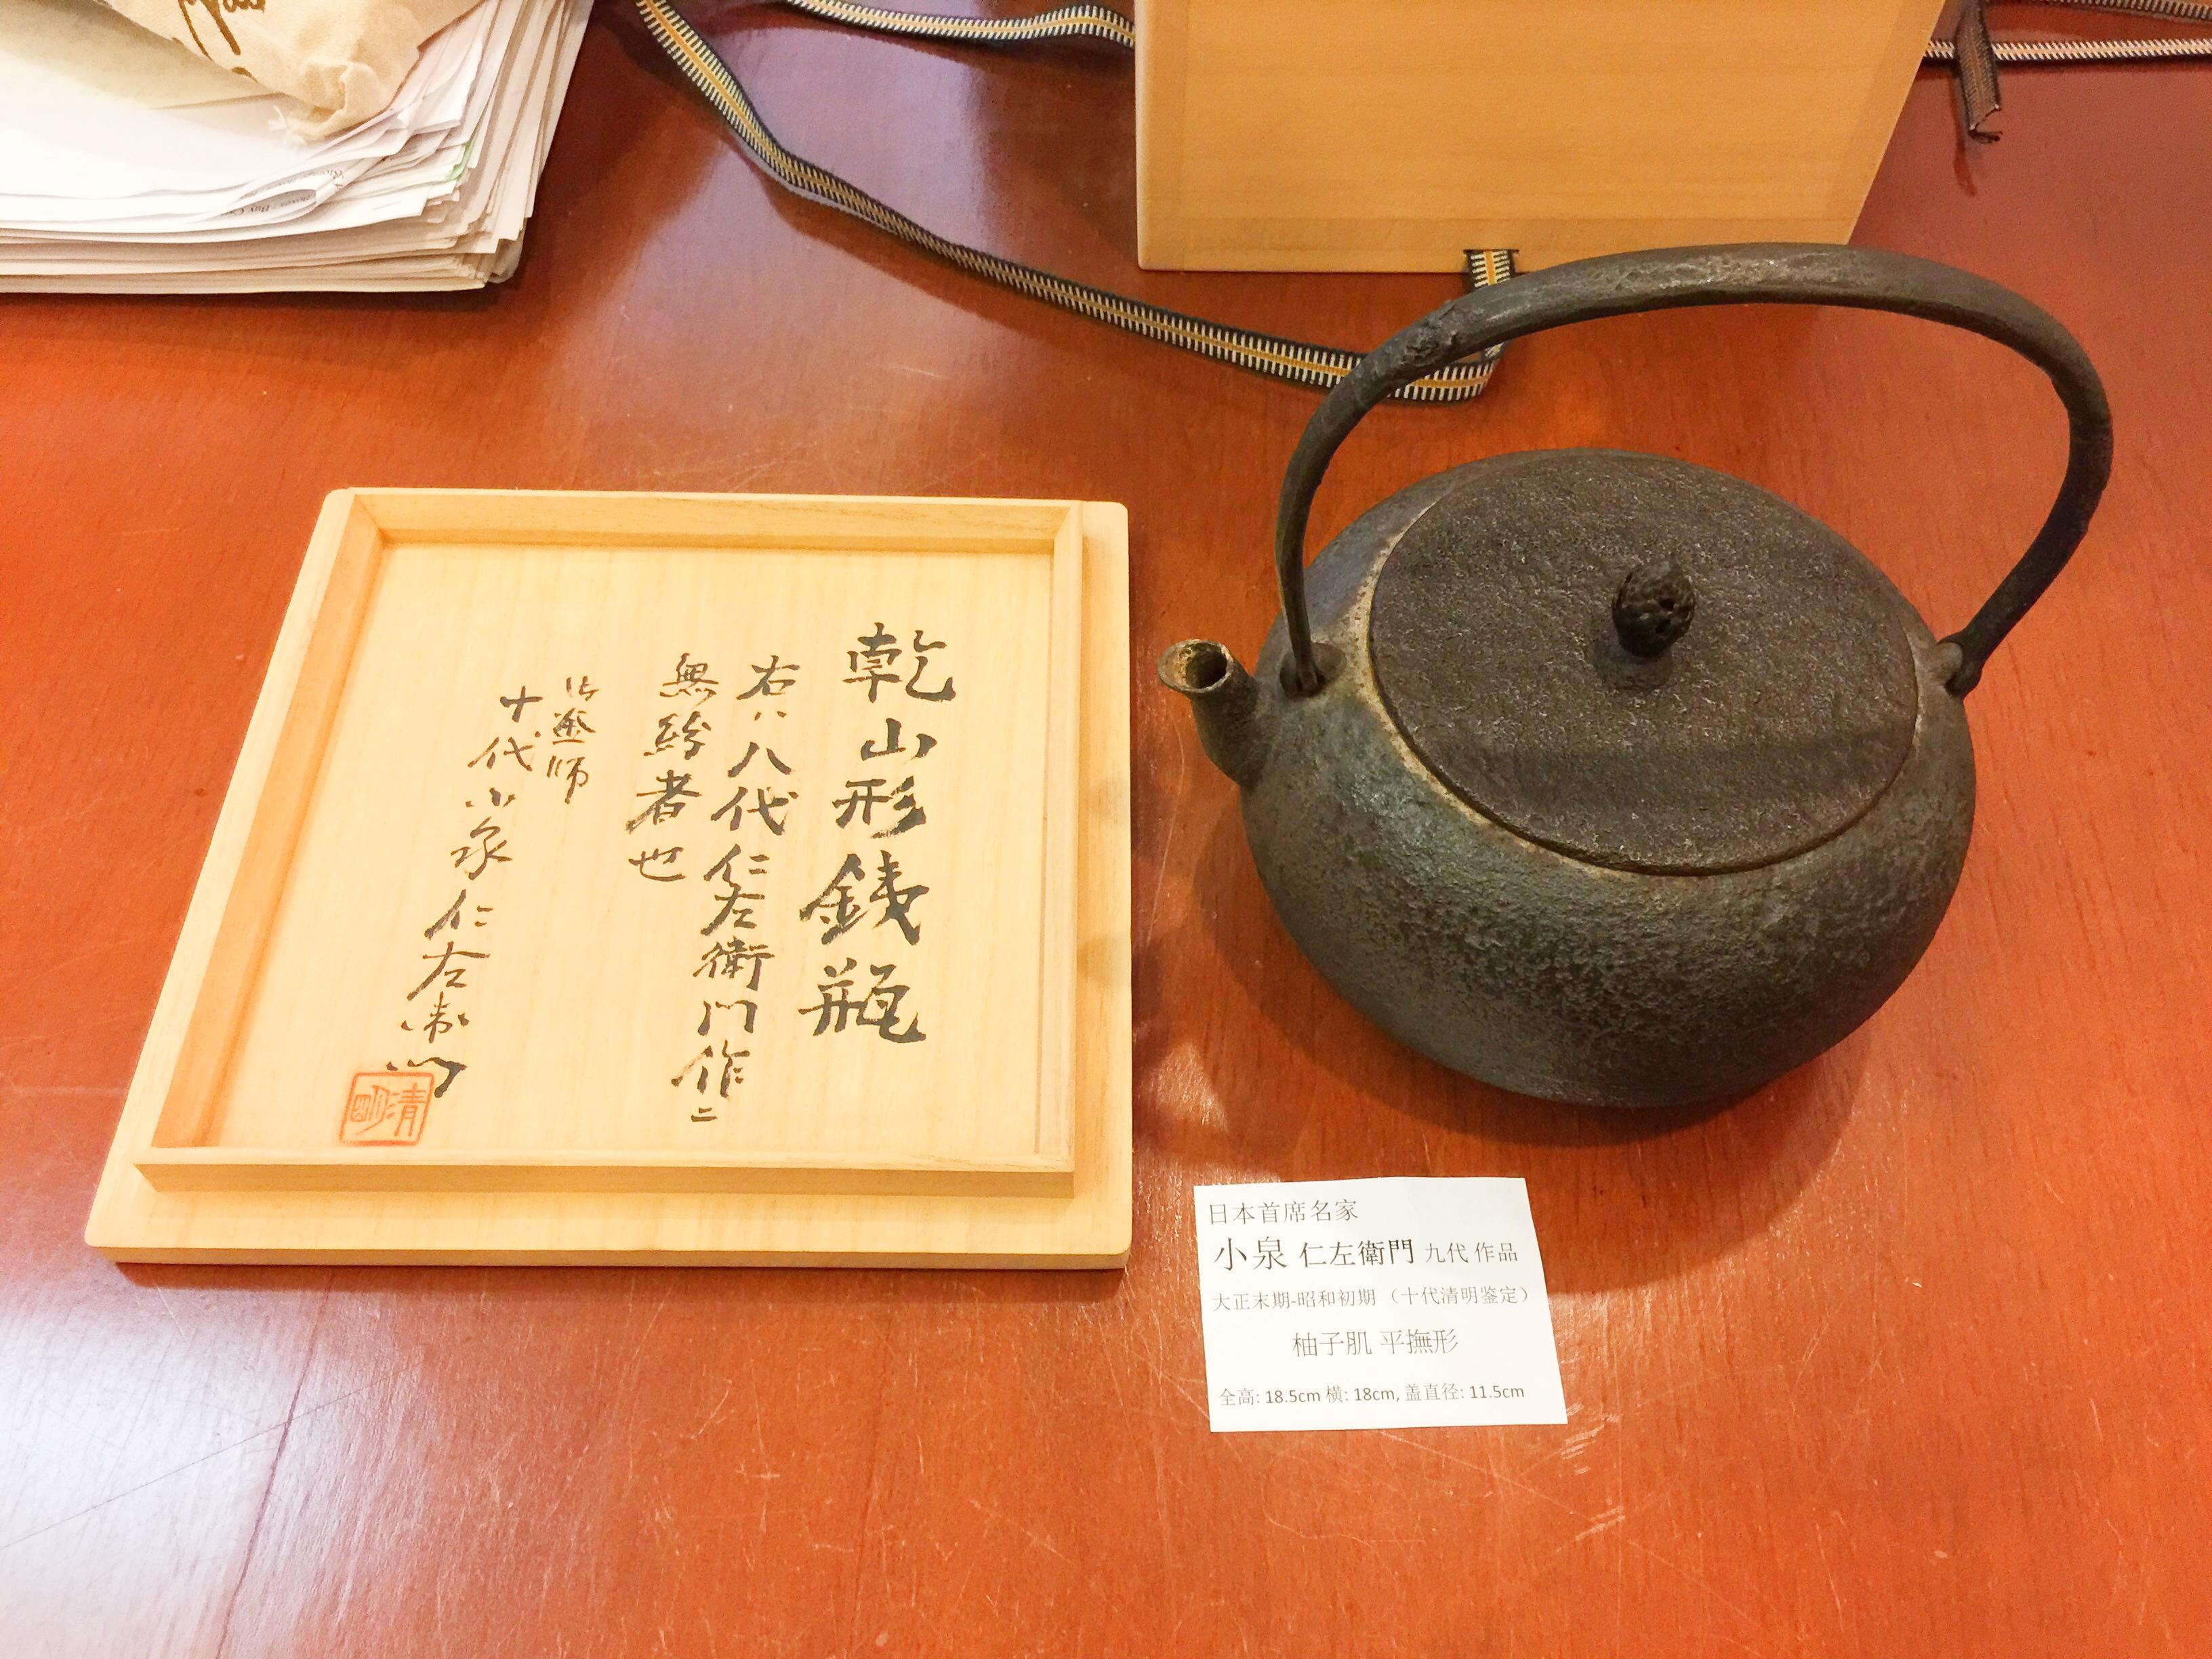 京都老铁瓶